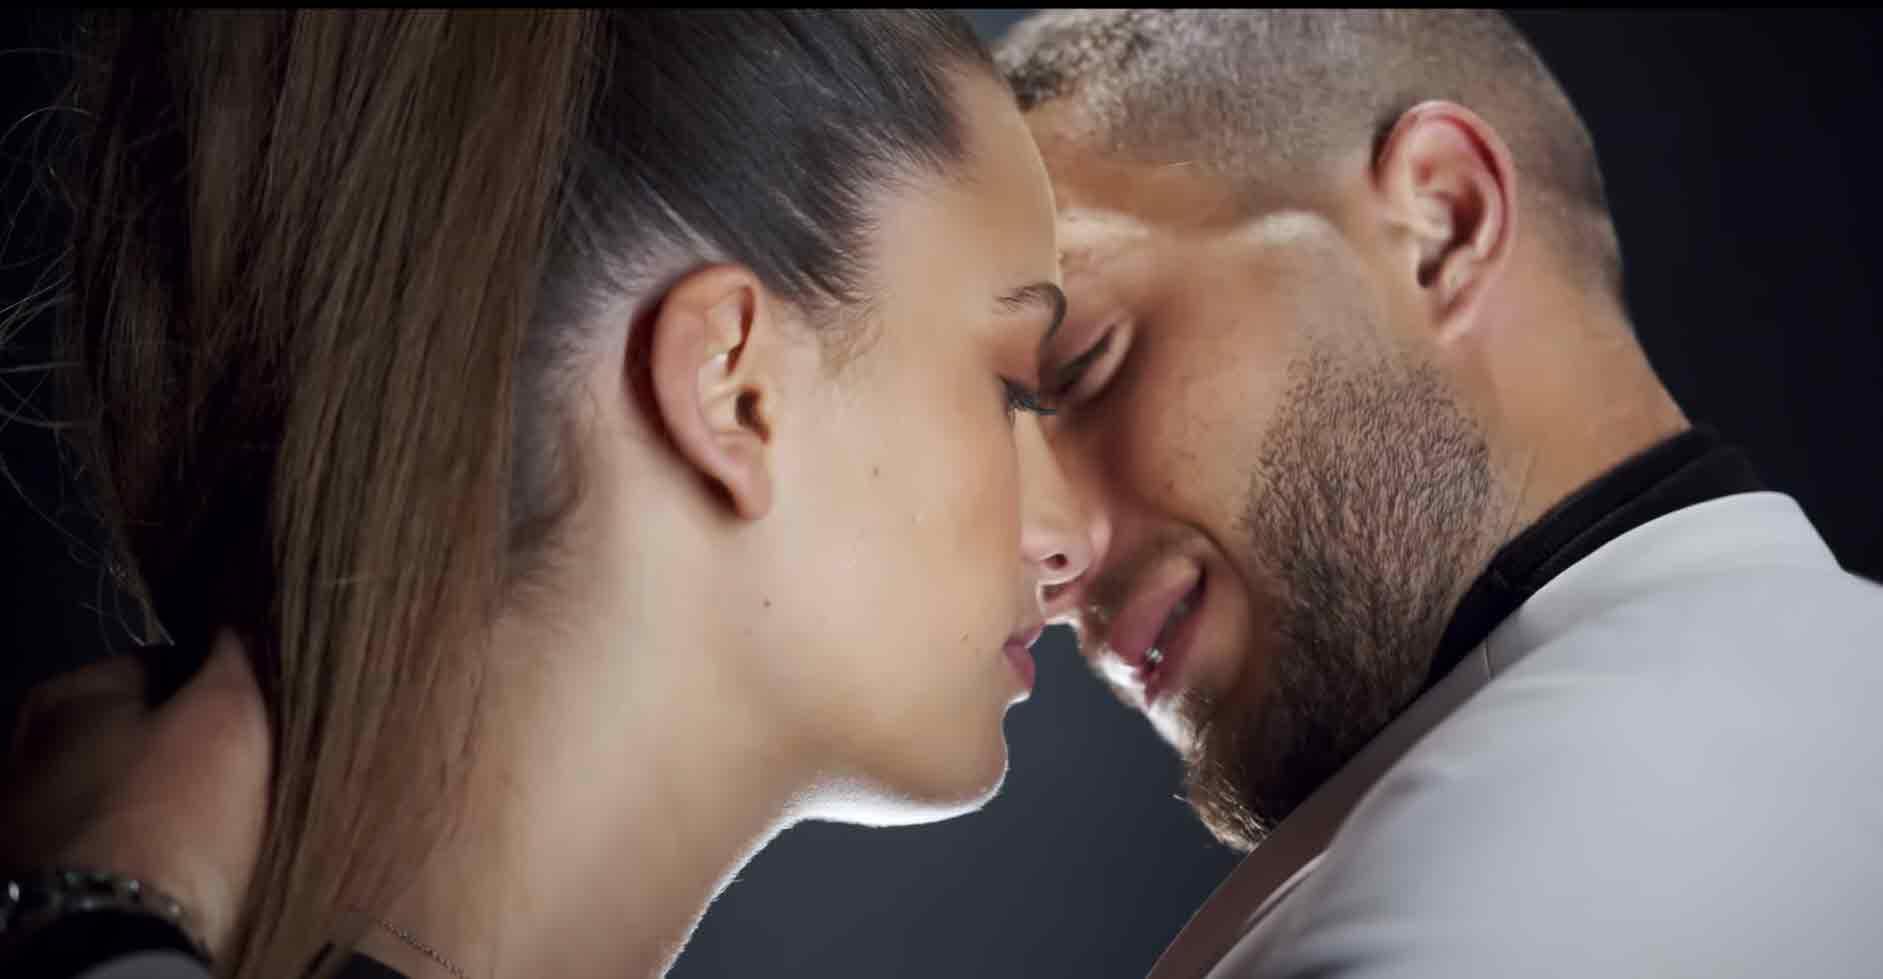 גל גברעם מקבלת טייטל חדש בקליפ החדש עם בן זיני - שחקנית!